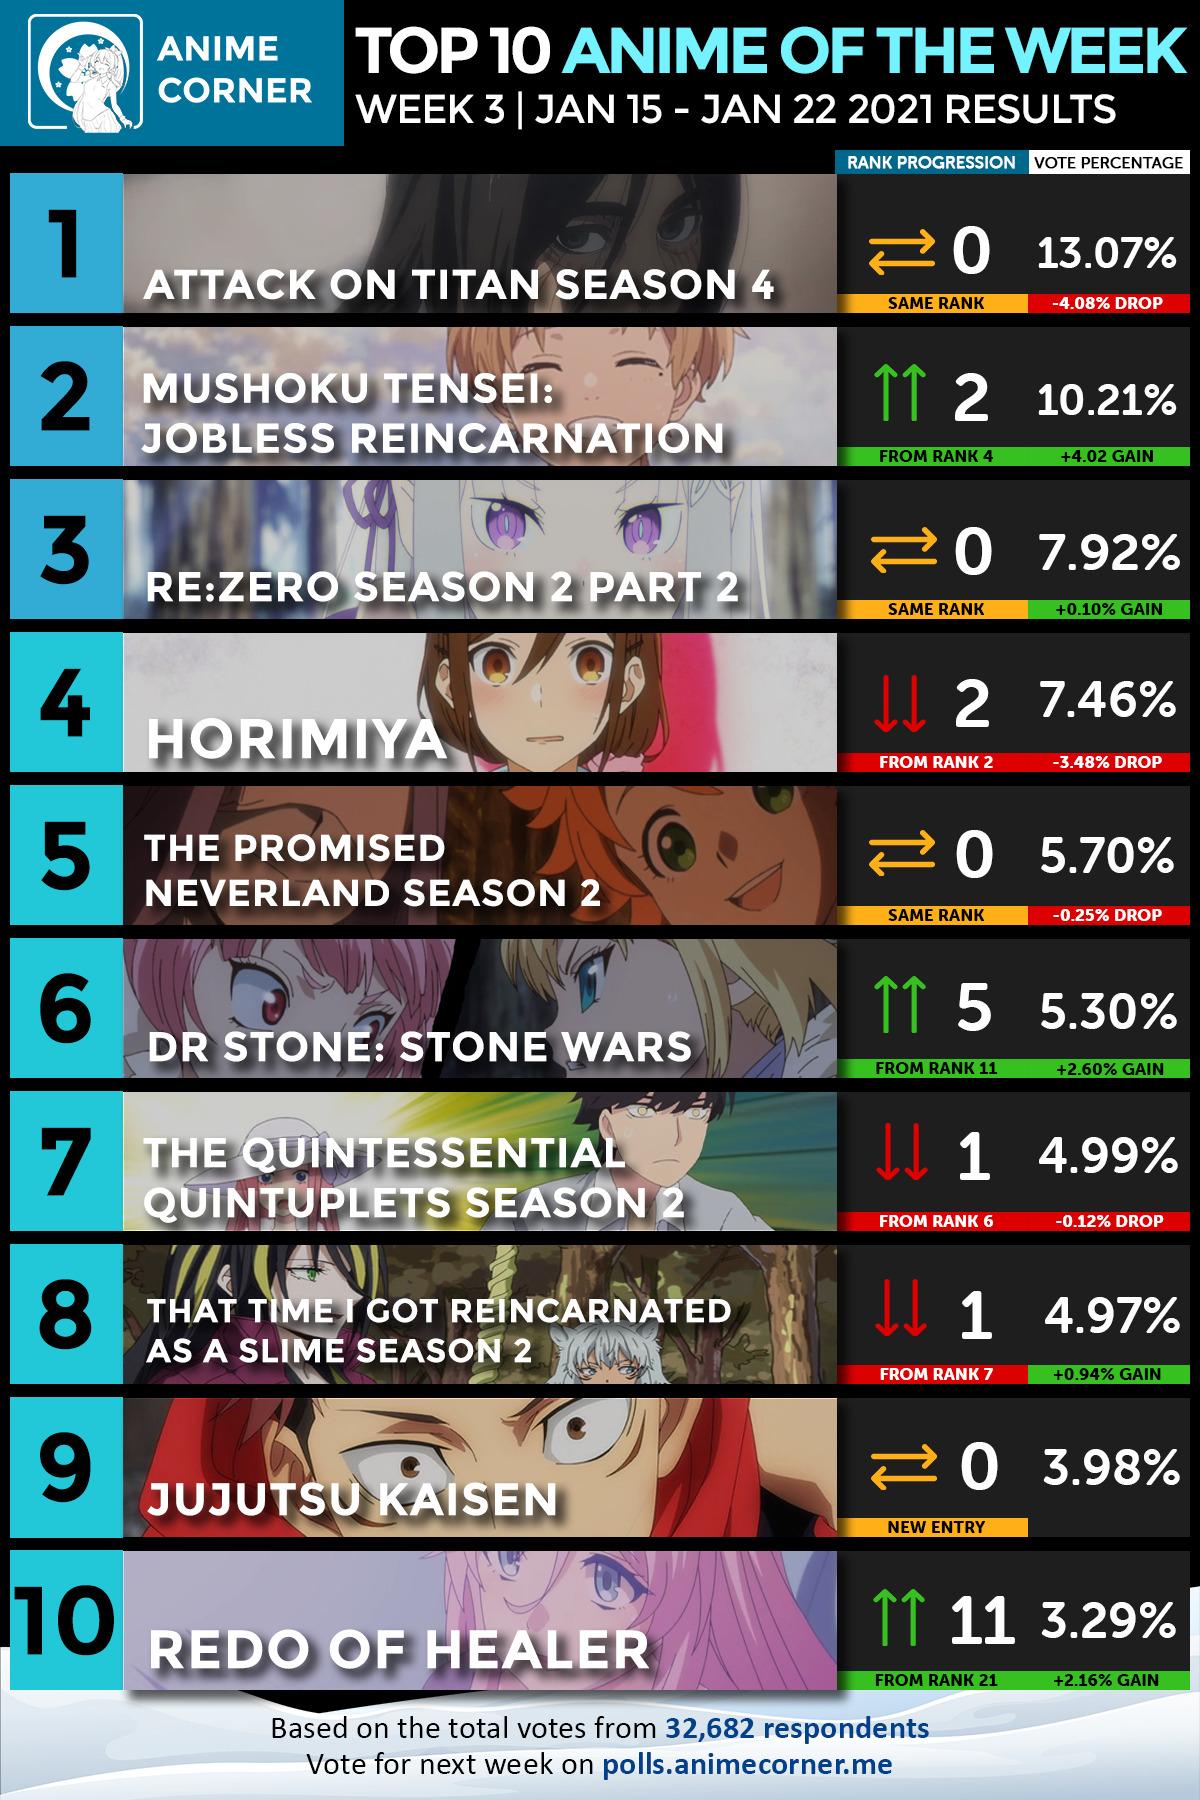 Top 10 Anime Winter 2021 Week 3